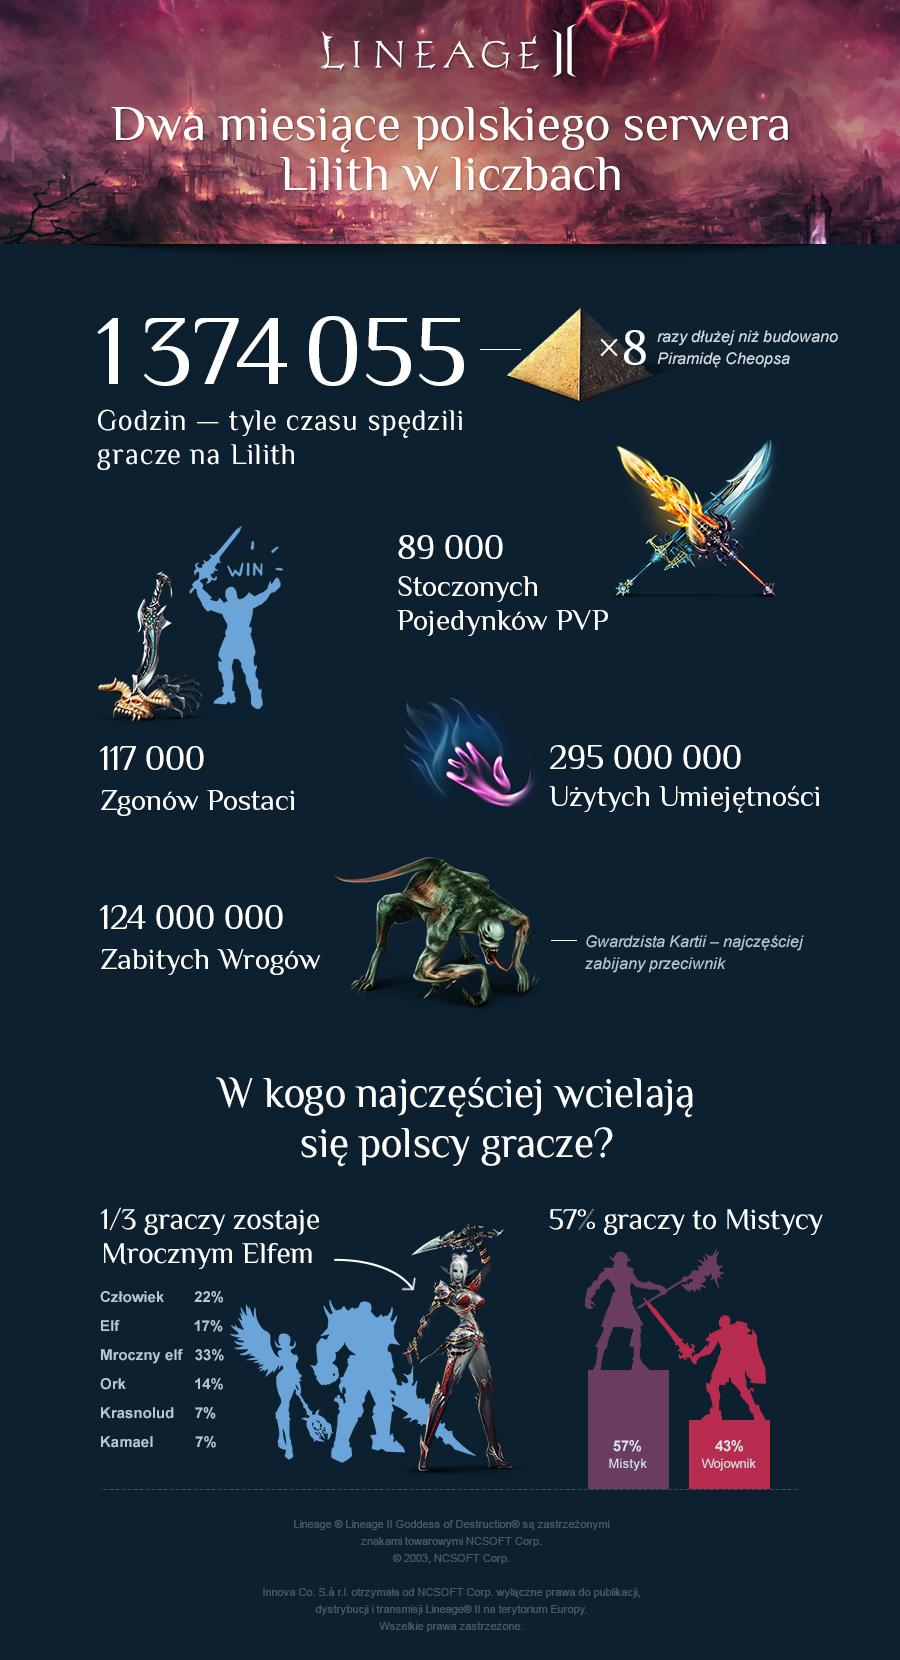 Dwa miesiące polskiego serwera Lineage II w liczbach - obrazek 2